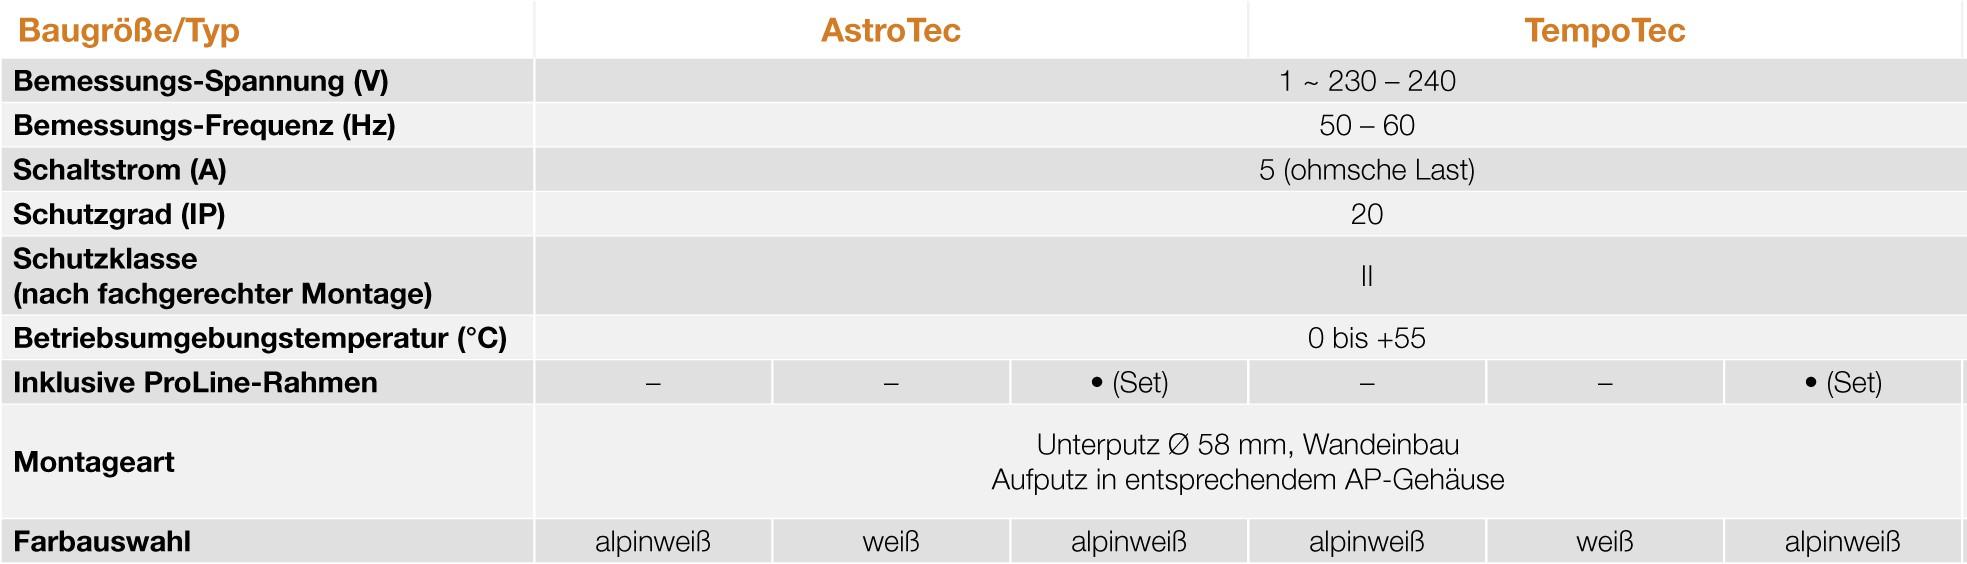 Elero Astrotec Zeitschaltuhr